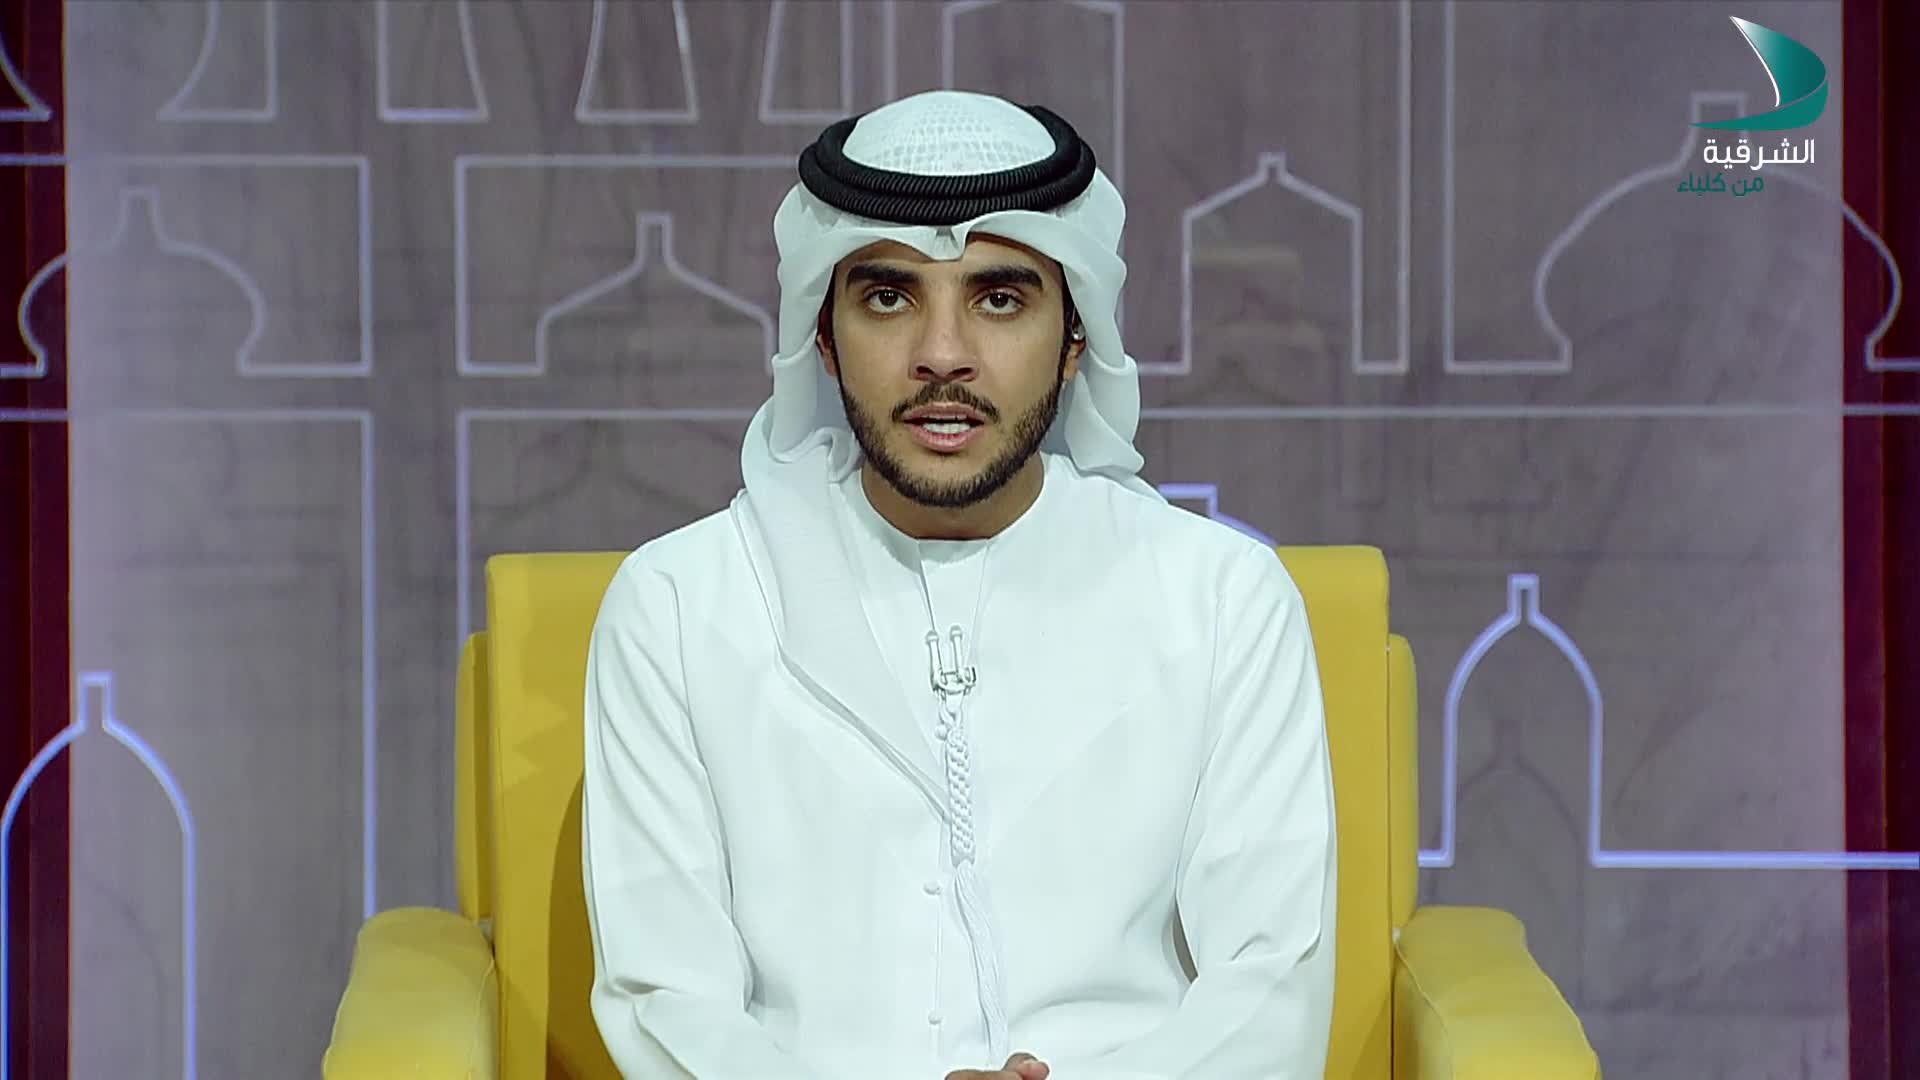 حديث المساء- مدربة تنمية ذات- عايدة منصور